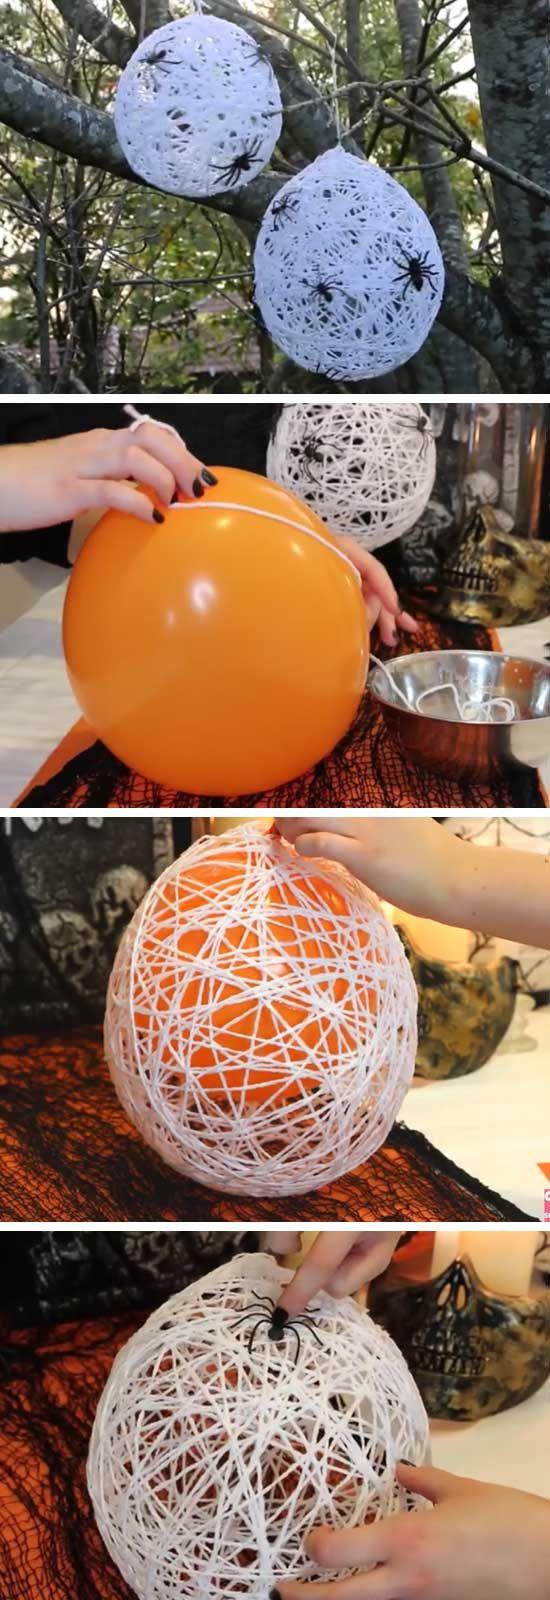 Balloon Spider Web | 20+ DIY Halloween Crafts for Kids to Make Organizamos fabulosas #fiestasinfantiles con #recreadores y #recreacionistasparafiestasinfantiles certificados has tus reservas ahora y celebra Halloween con nosotros 3114898040-4013122